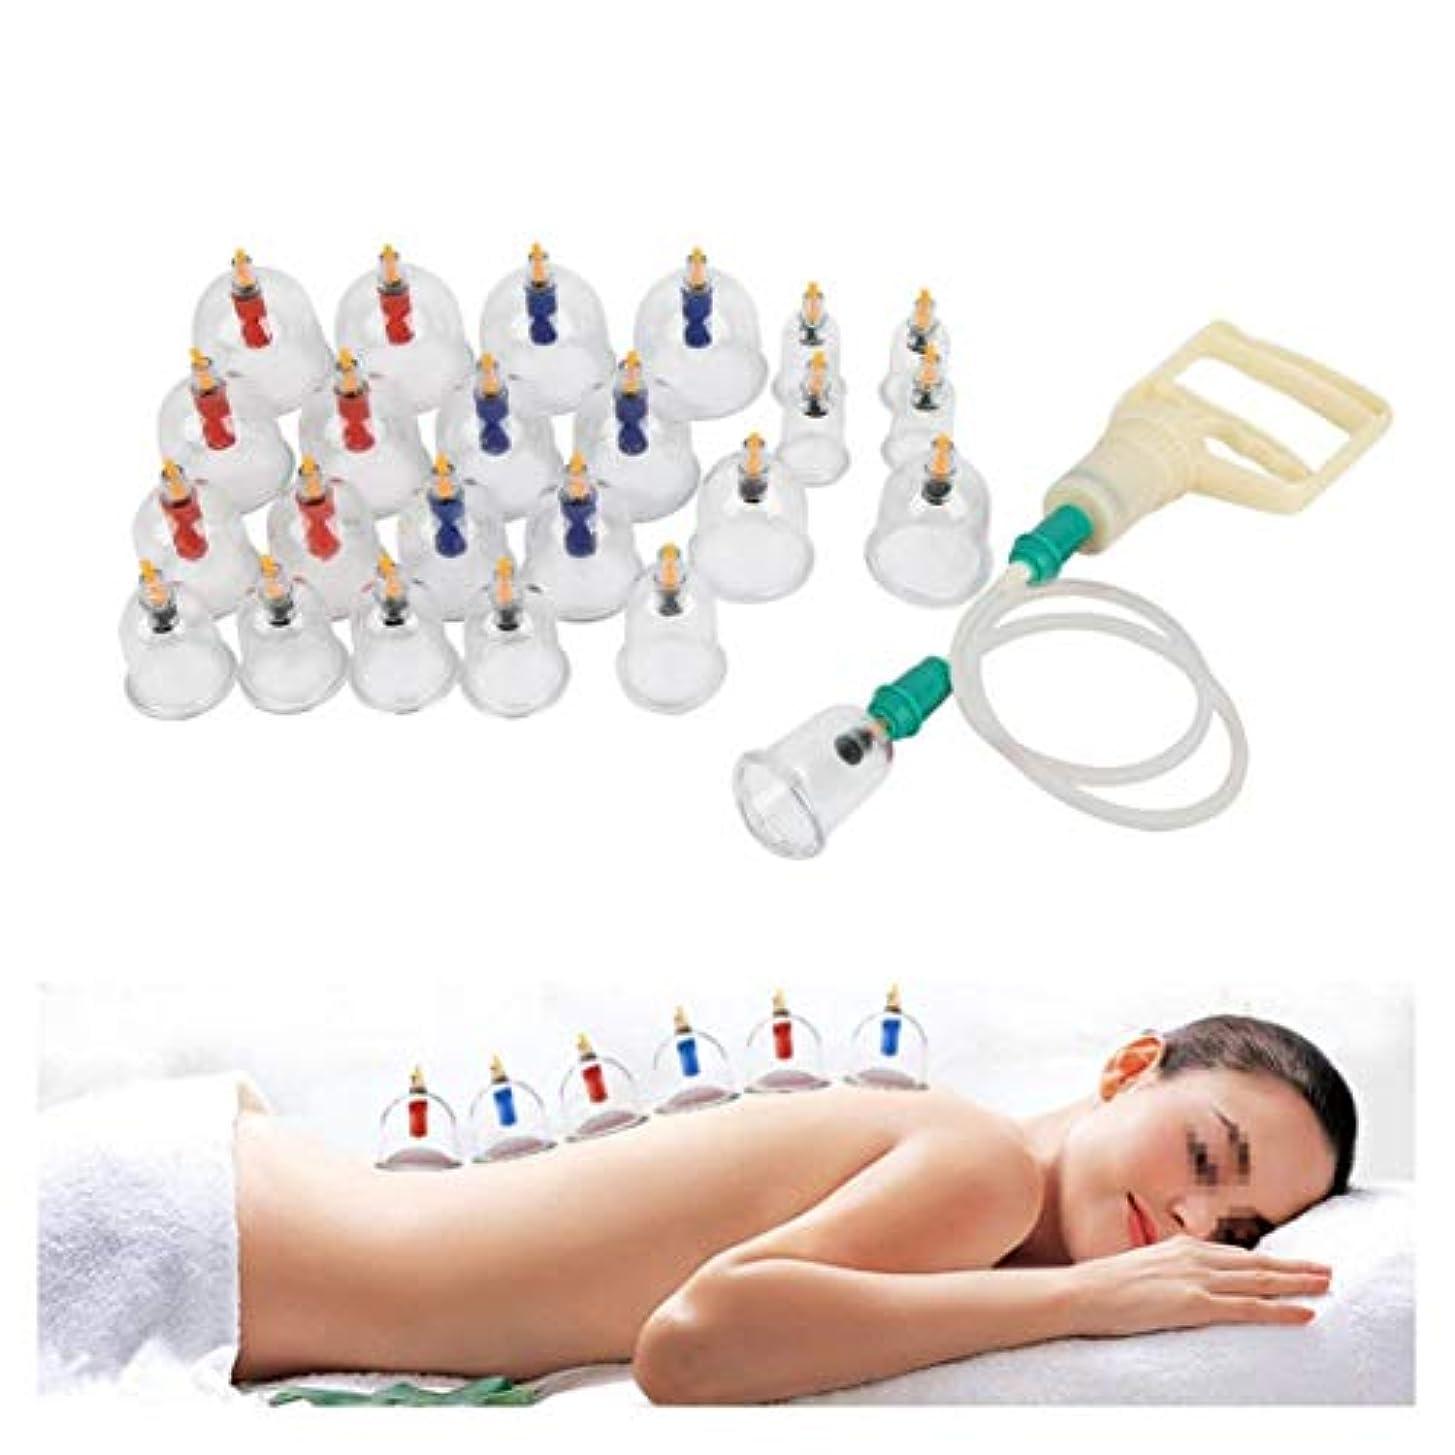 常識こねるブランドカッピングセラピーセットマッサージバキュームカップキット - 鍼治療のボディ医療サクションセット24ピース用痛み緩和